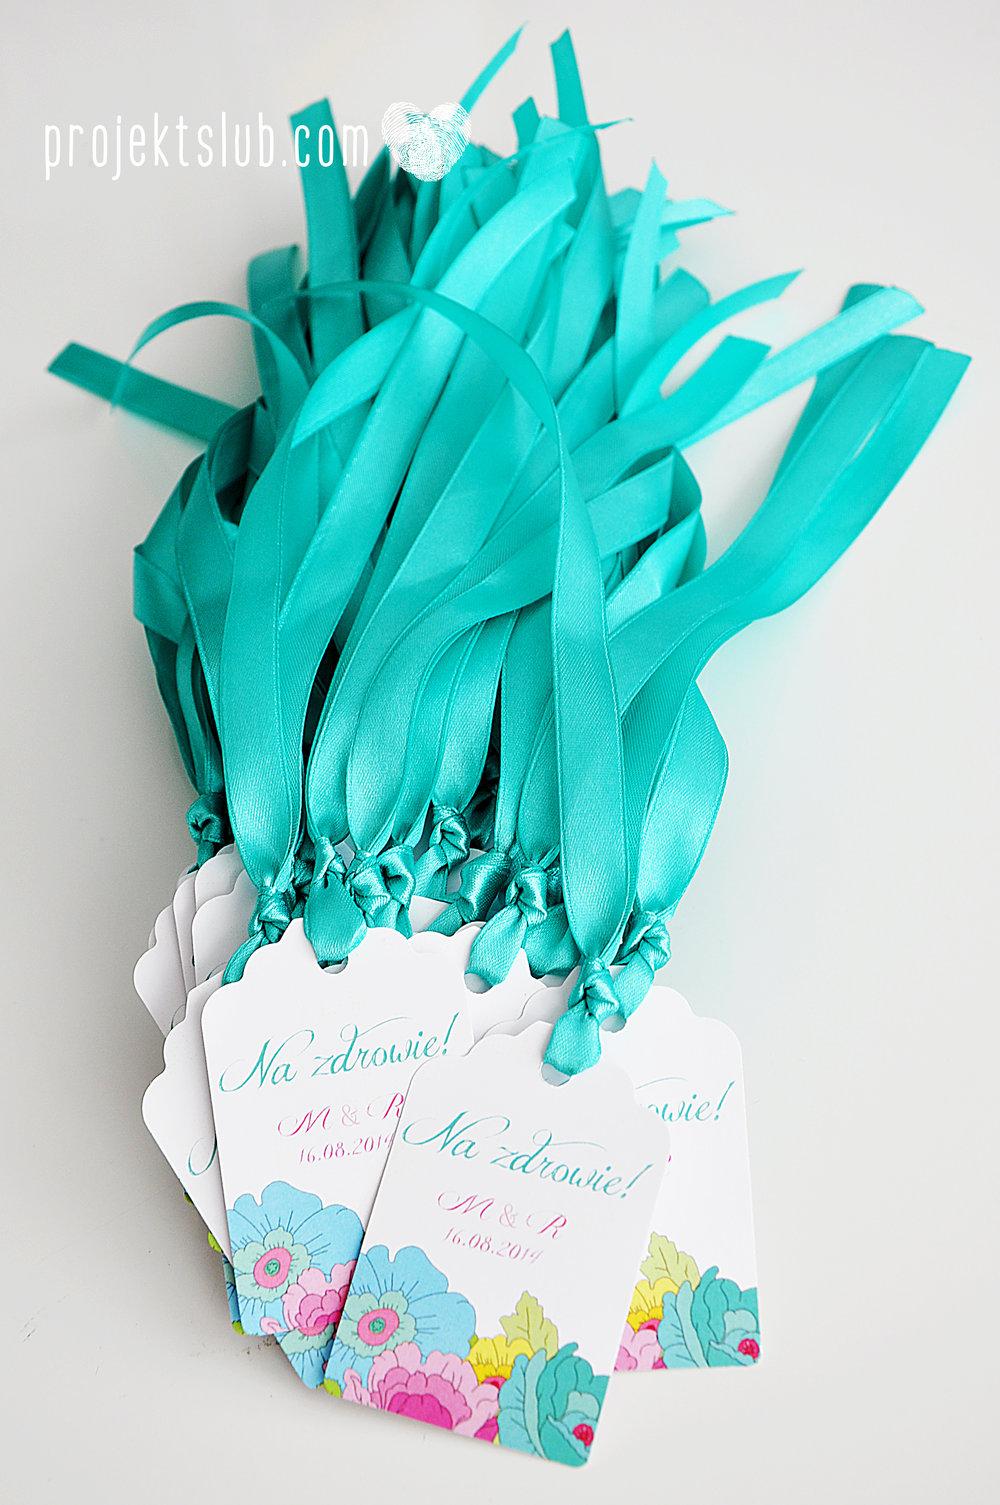 Zaproszenia  ślubne pastelove kwiaty ze wstążką wyjątkowe oryginalne najpiękniejsza papeteria ślubna tęczowe kolorowe róż mięta Projekt Ślub (18).jpg